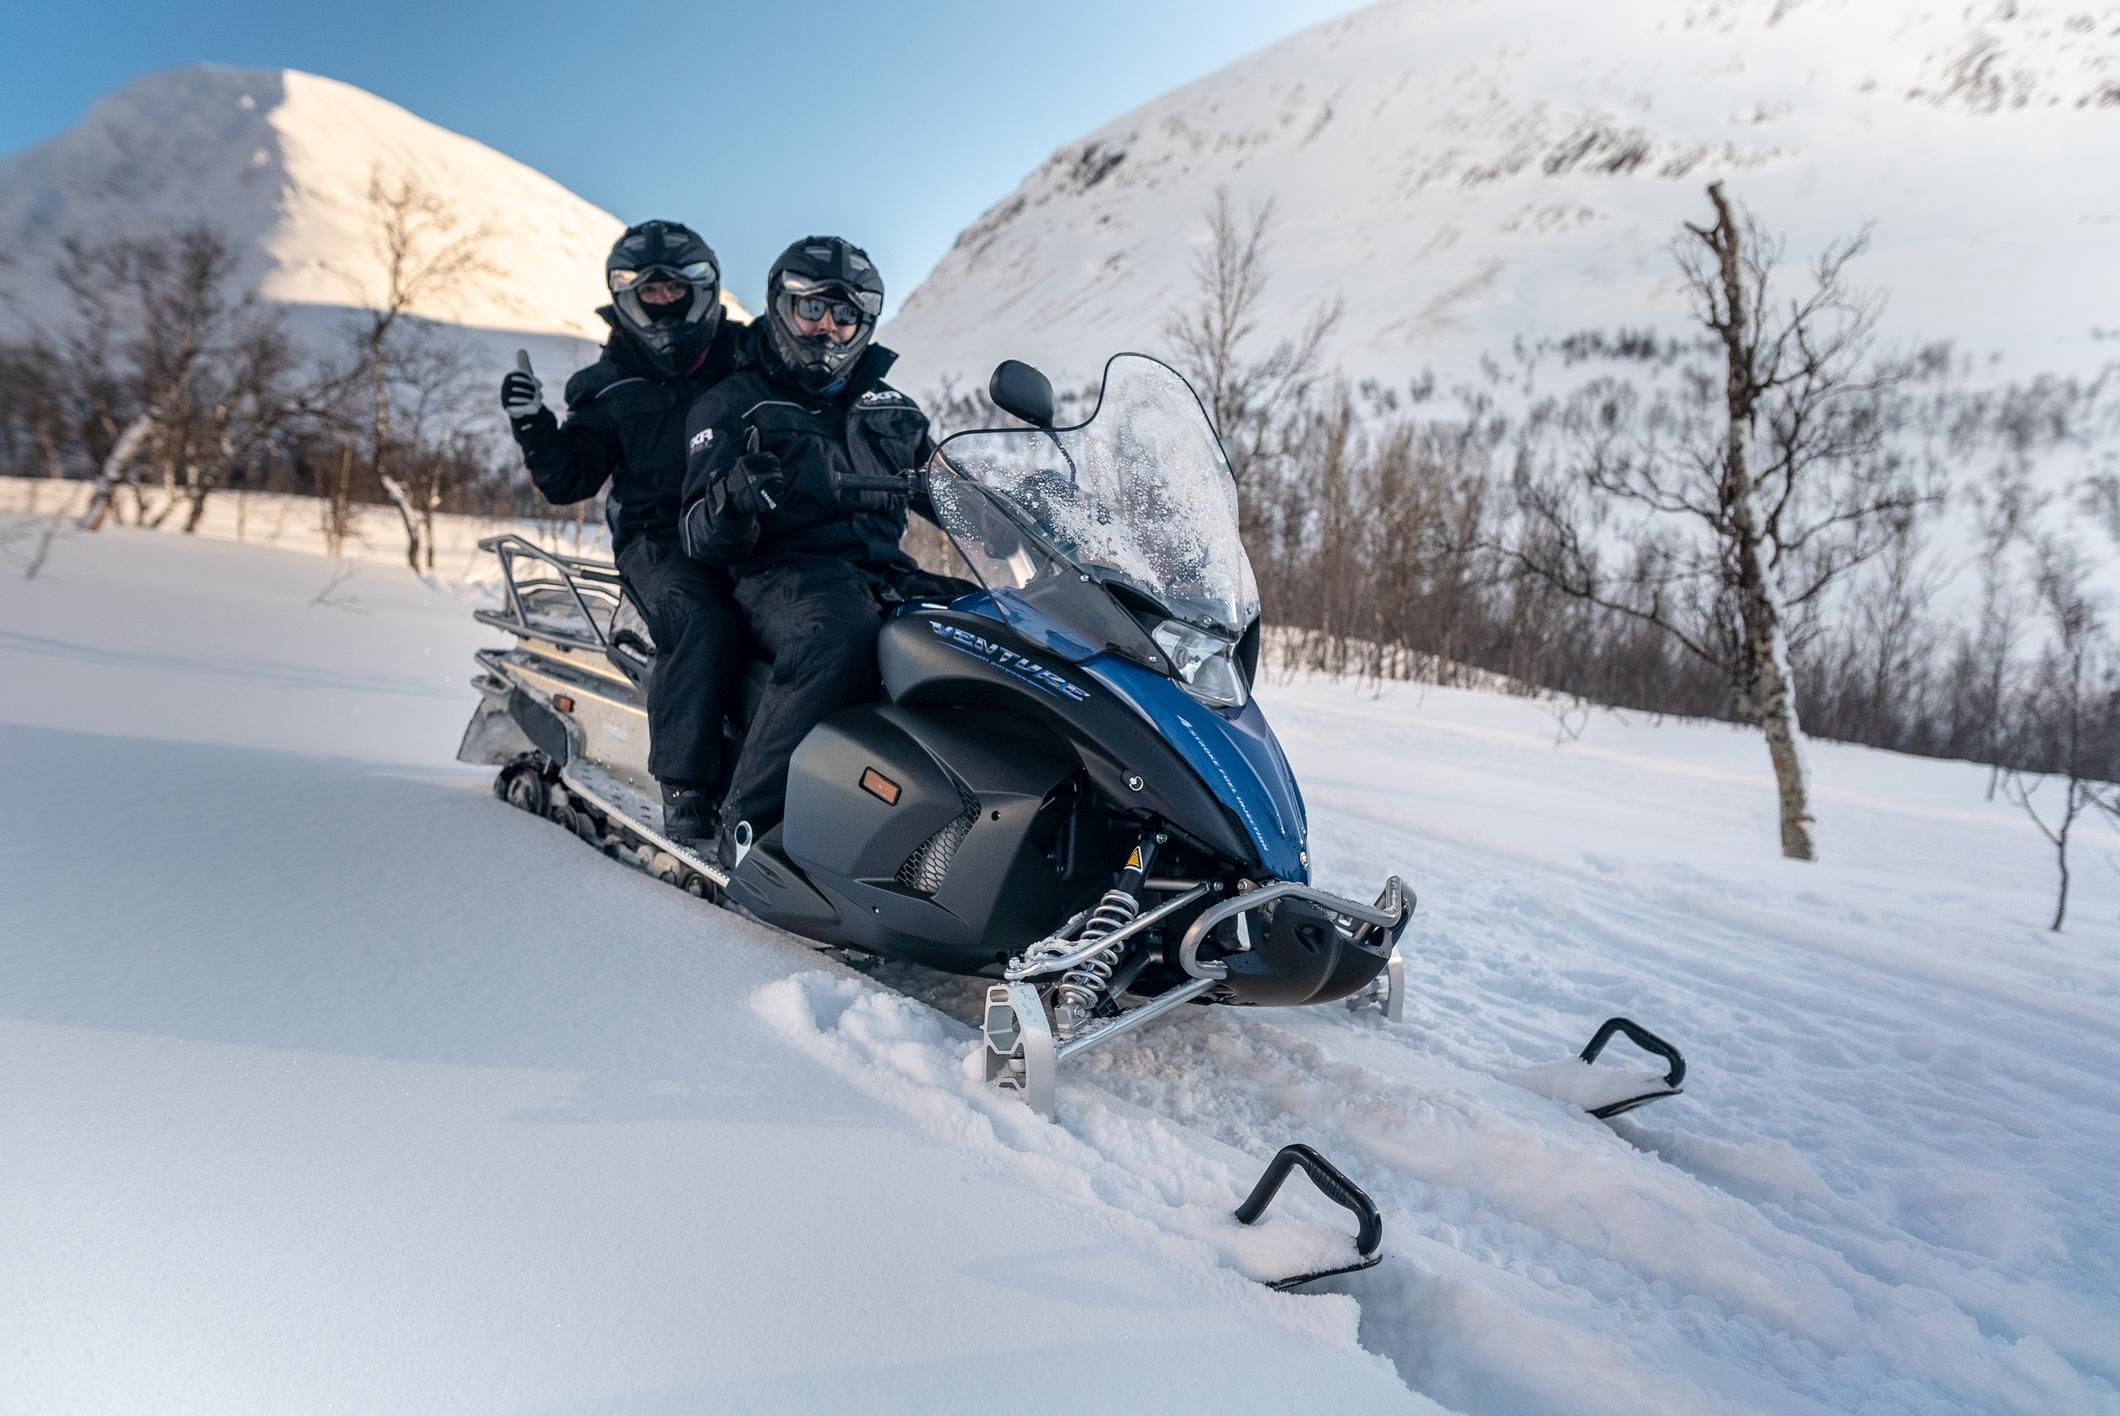 to personer på en snøscooter